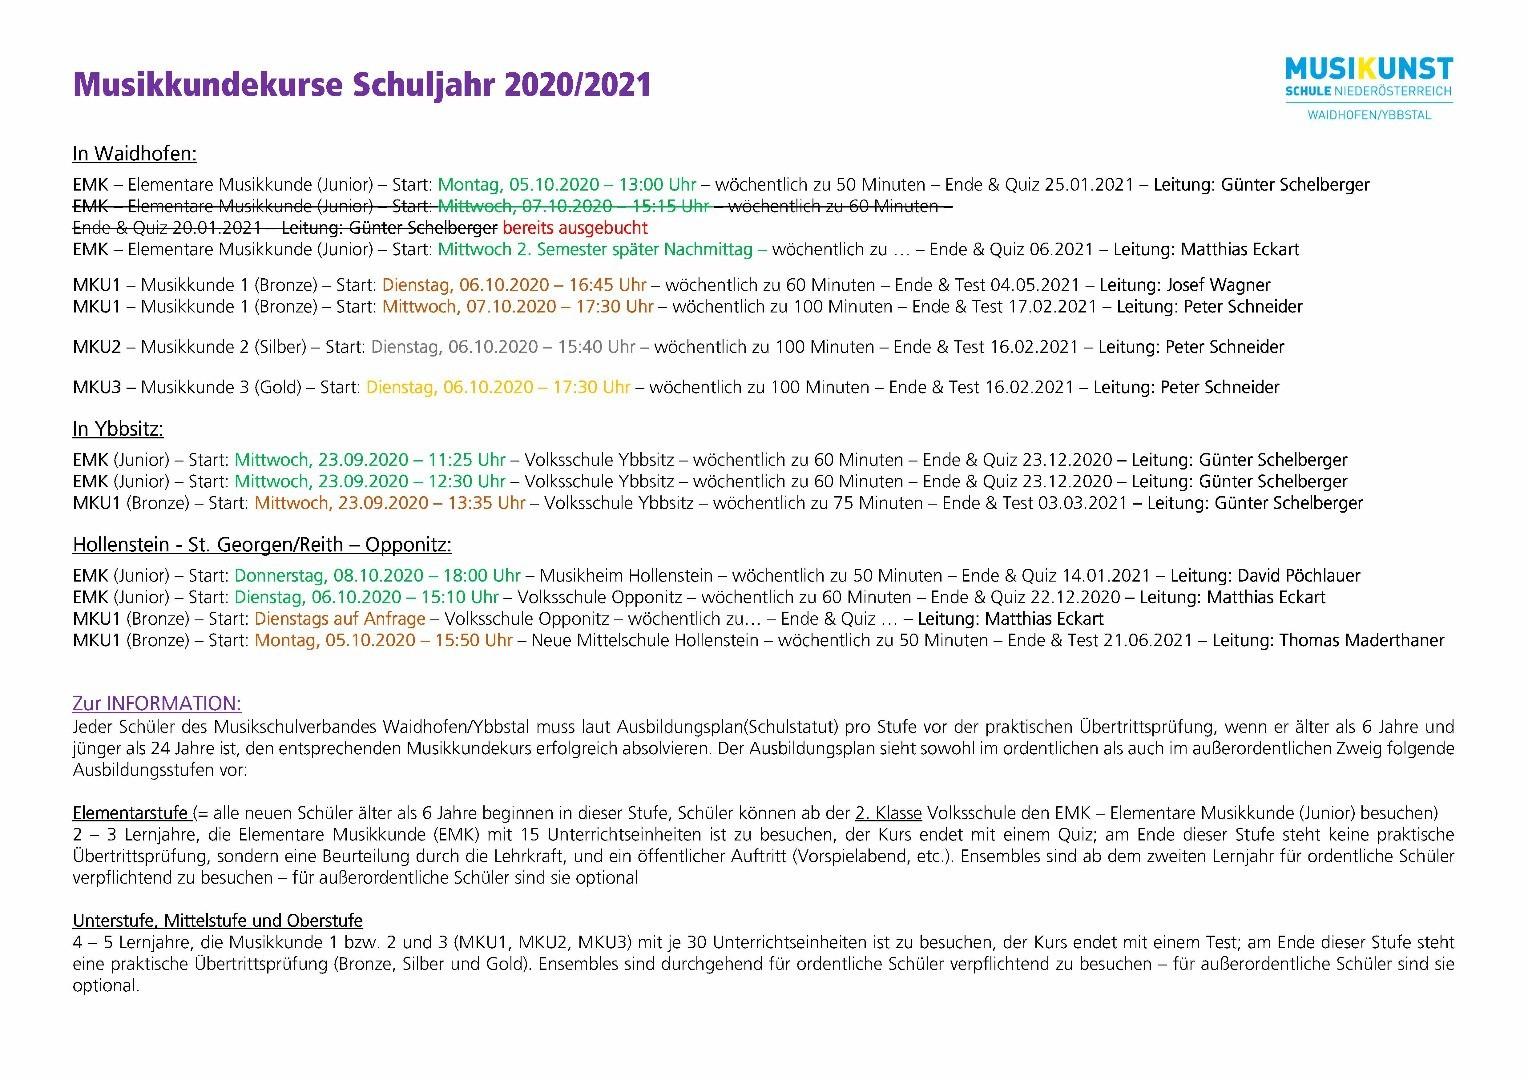 Musikkundekurse Schuljahr 2020-21.jpg